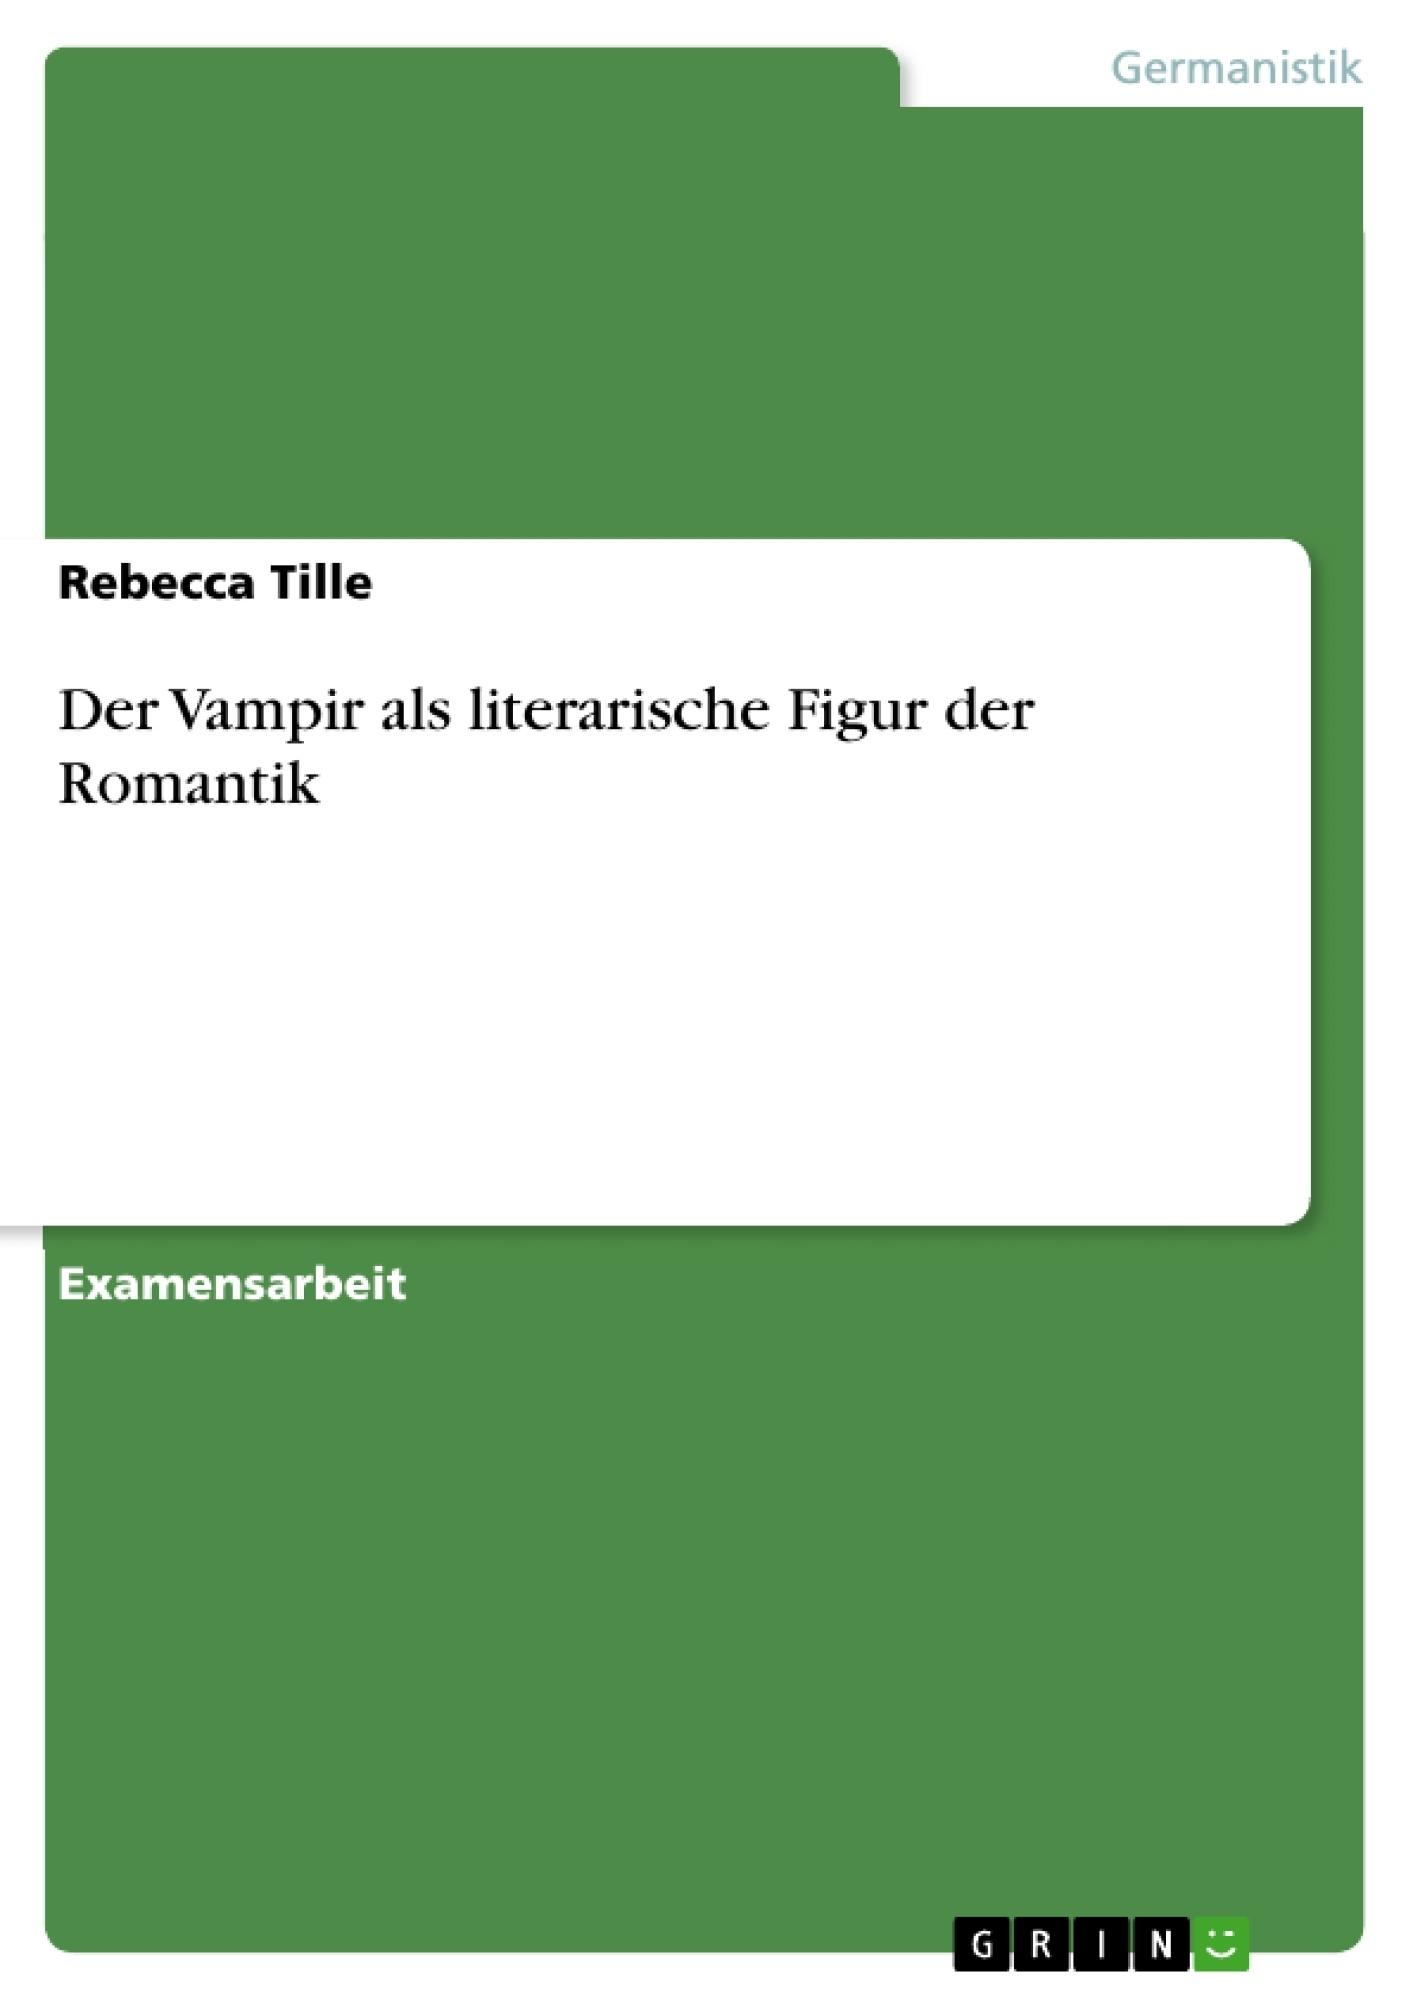 Titel: Der Vampir als literarische Figur der Romantik